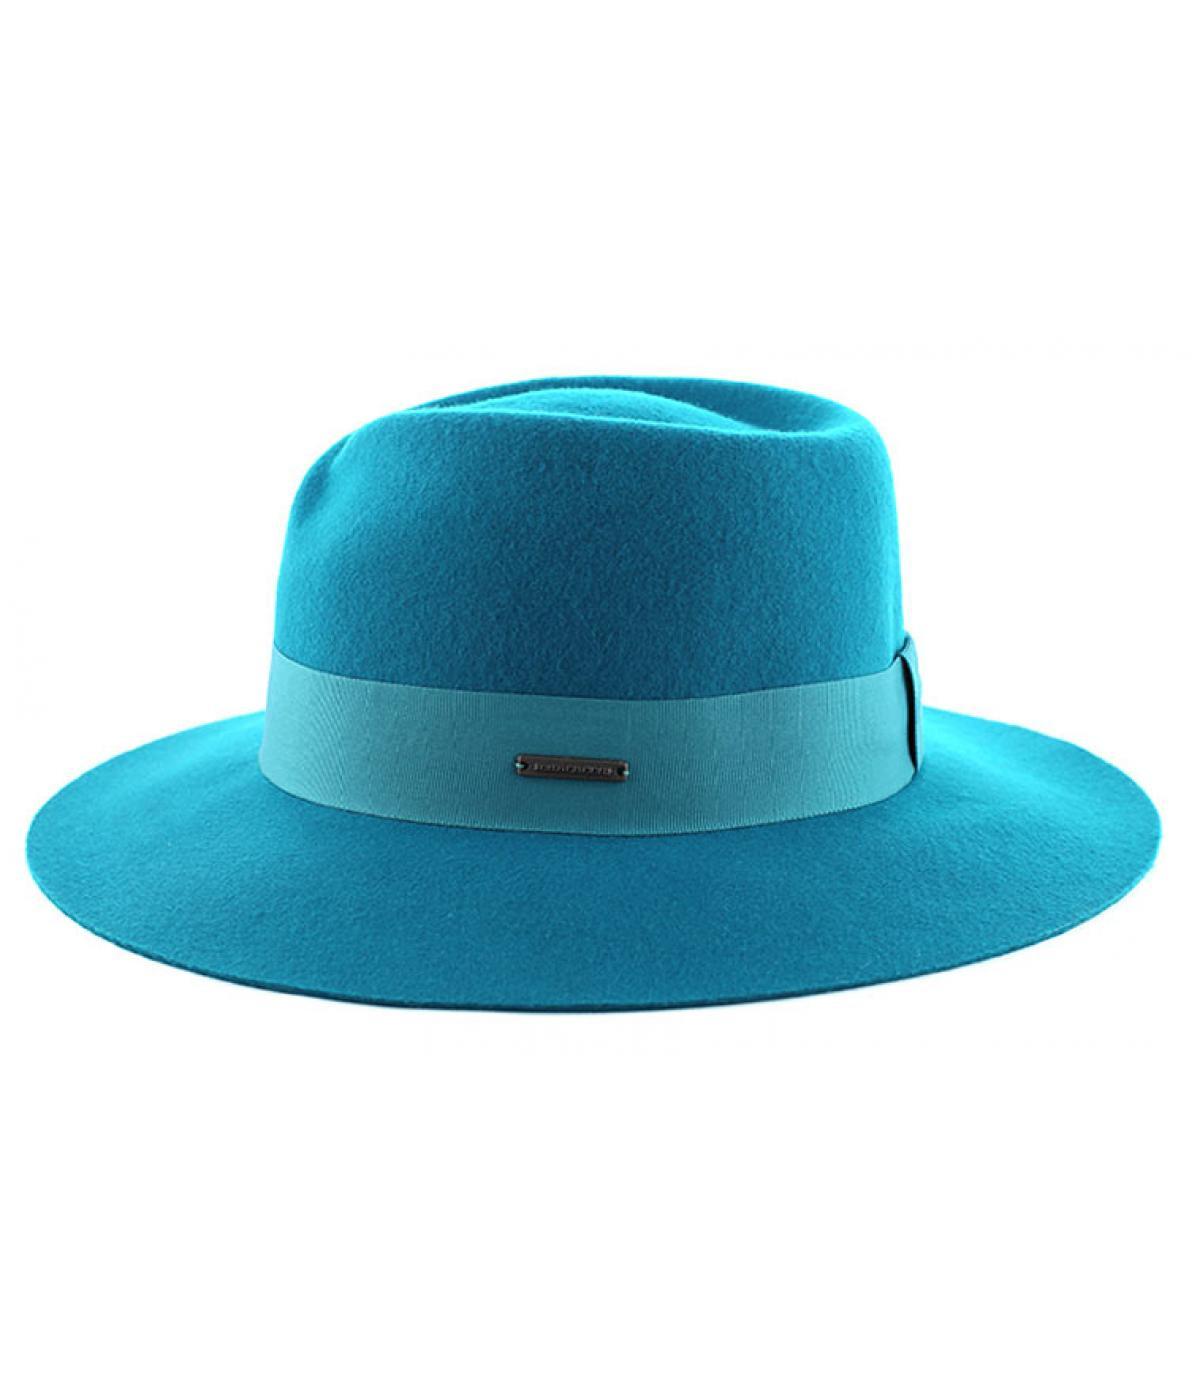 Sombrero mujer fedora azul